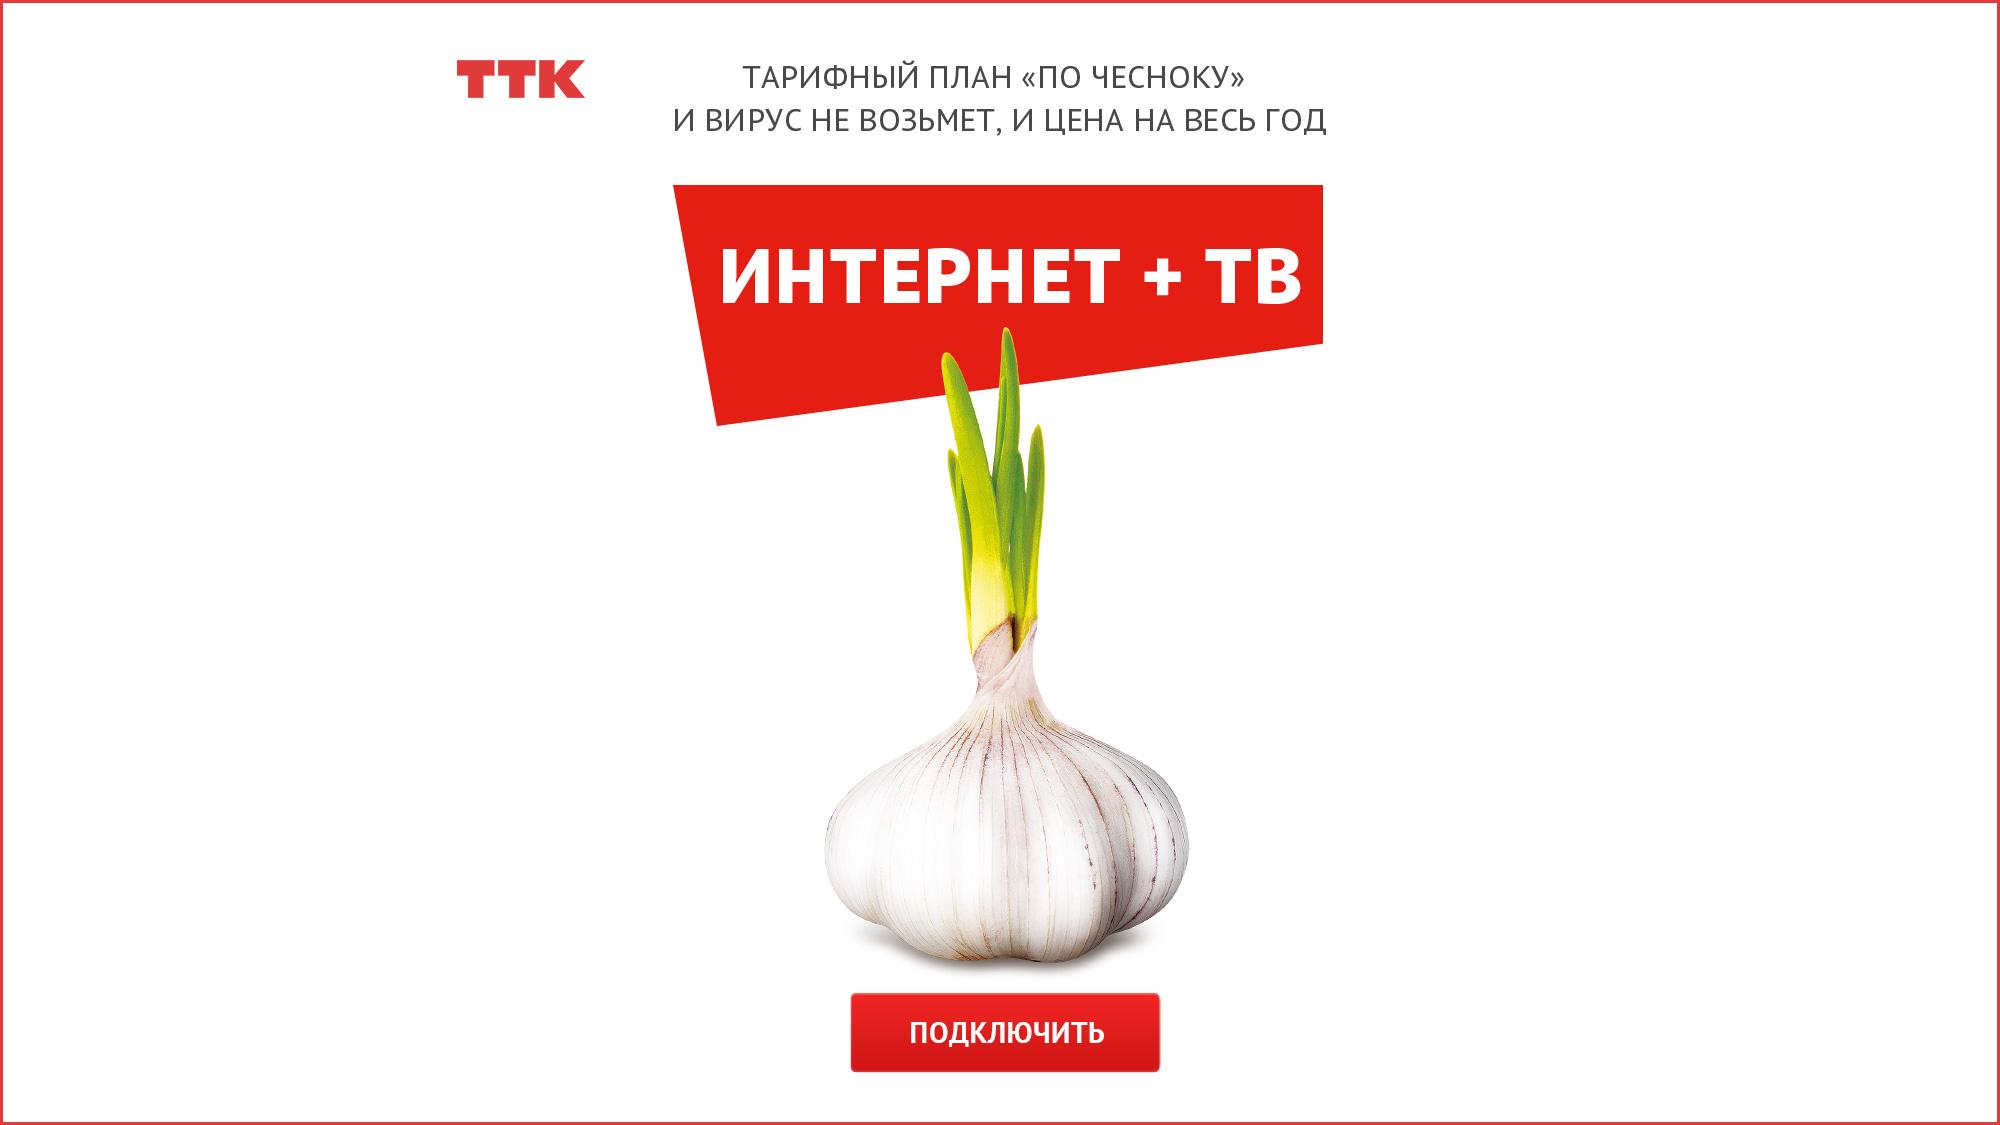 ТТК подключает к быстрому и недорогому интернету – По чесноку! 1